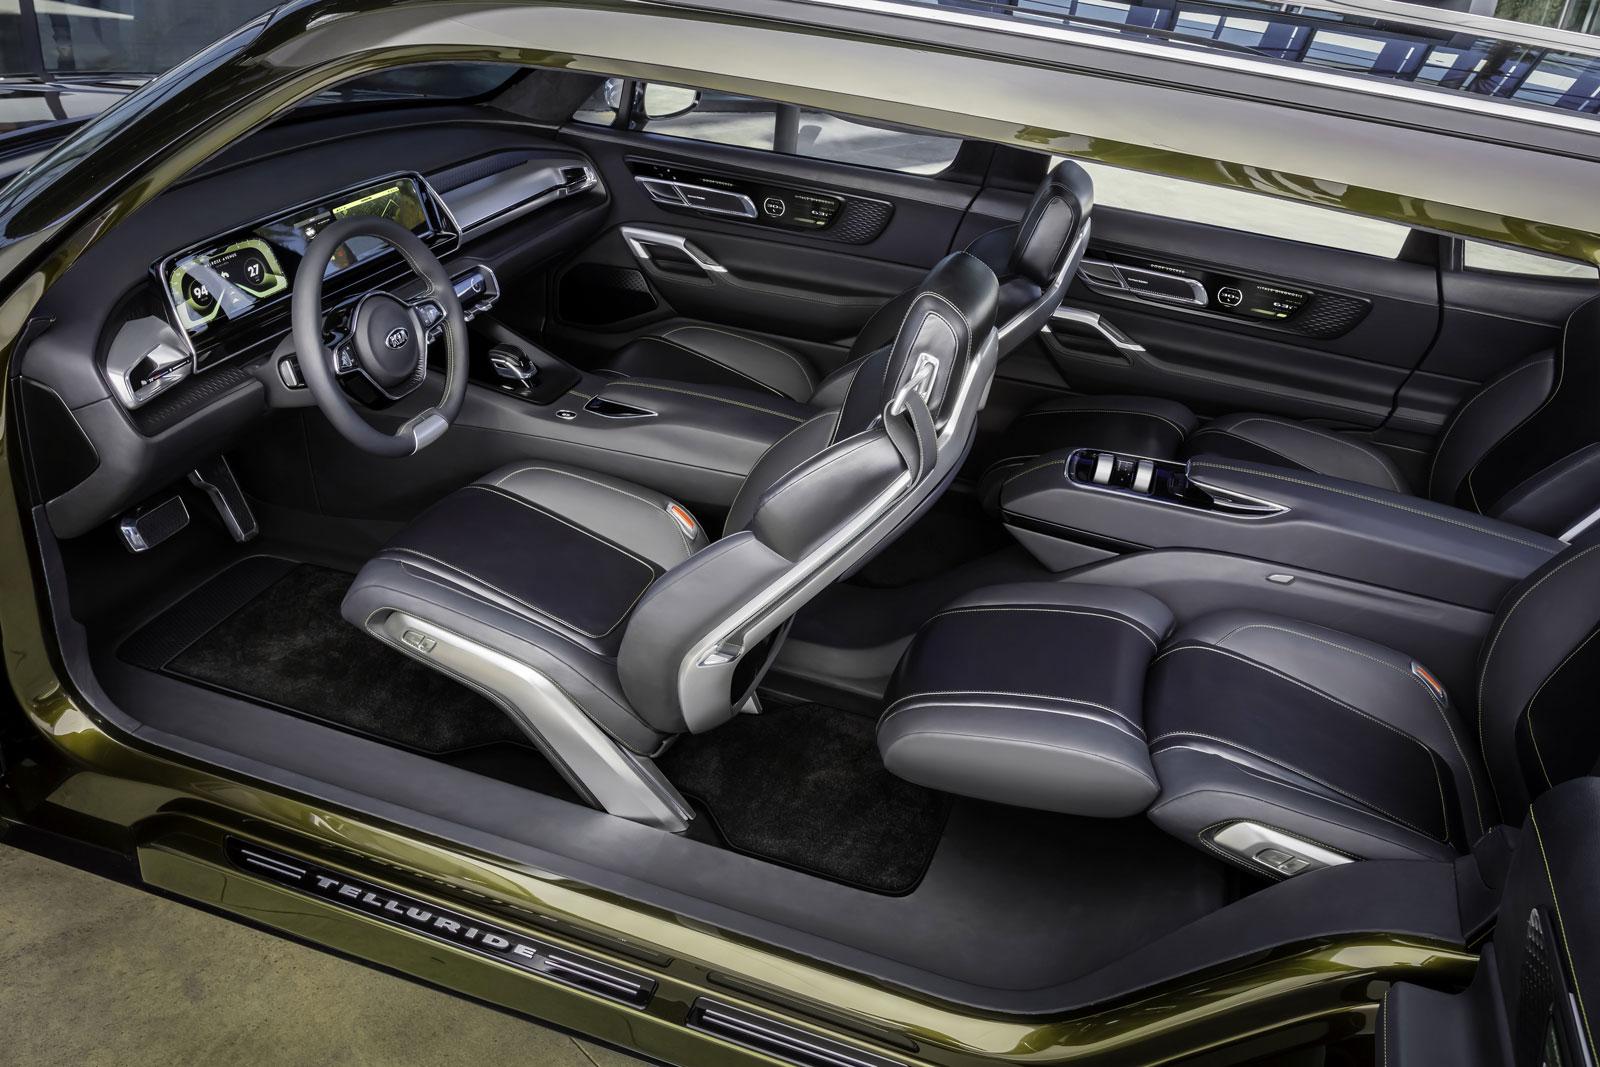 World Car Kia >> Kia Telluride Concept Interior - Car Body Design